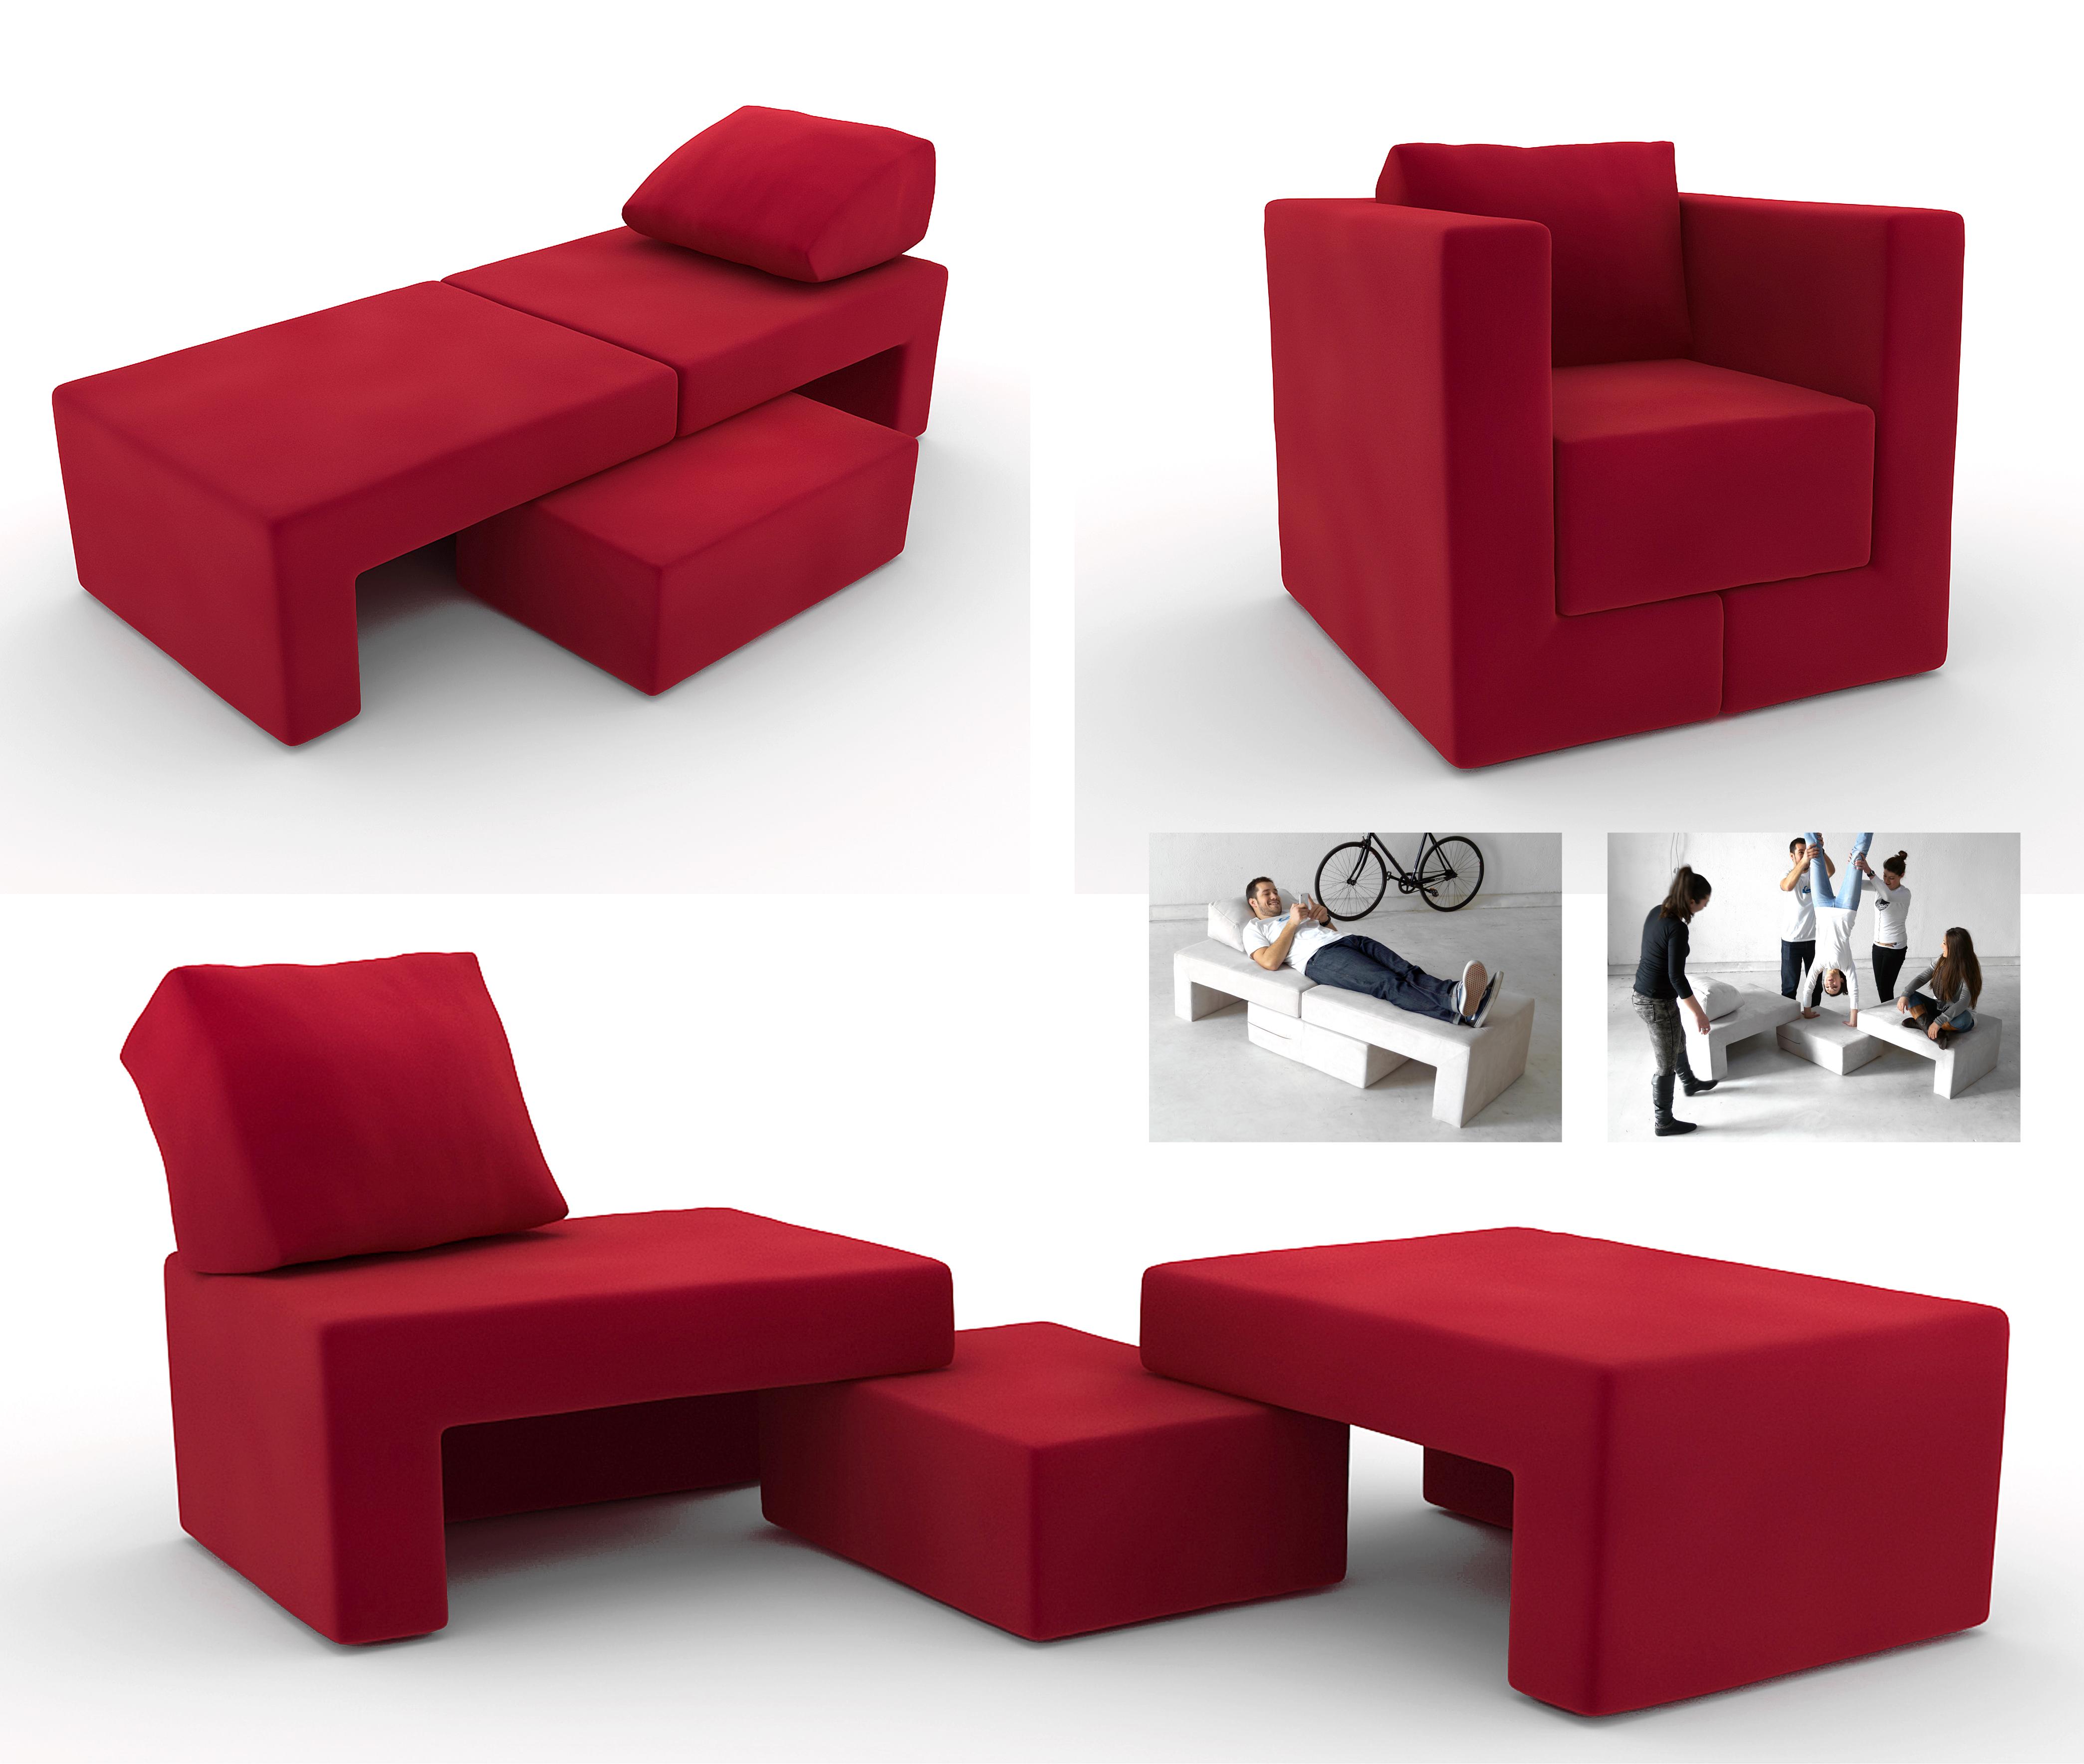 Модульное кресло-кровать Q6 – шесть в одном